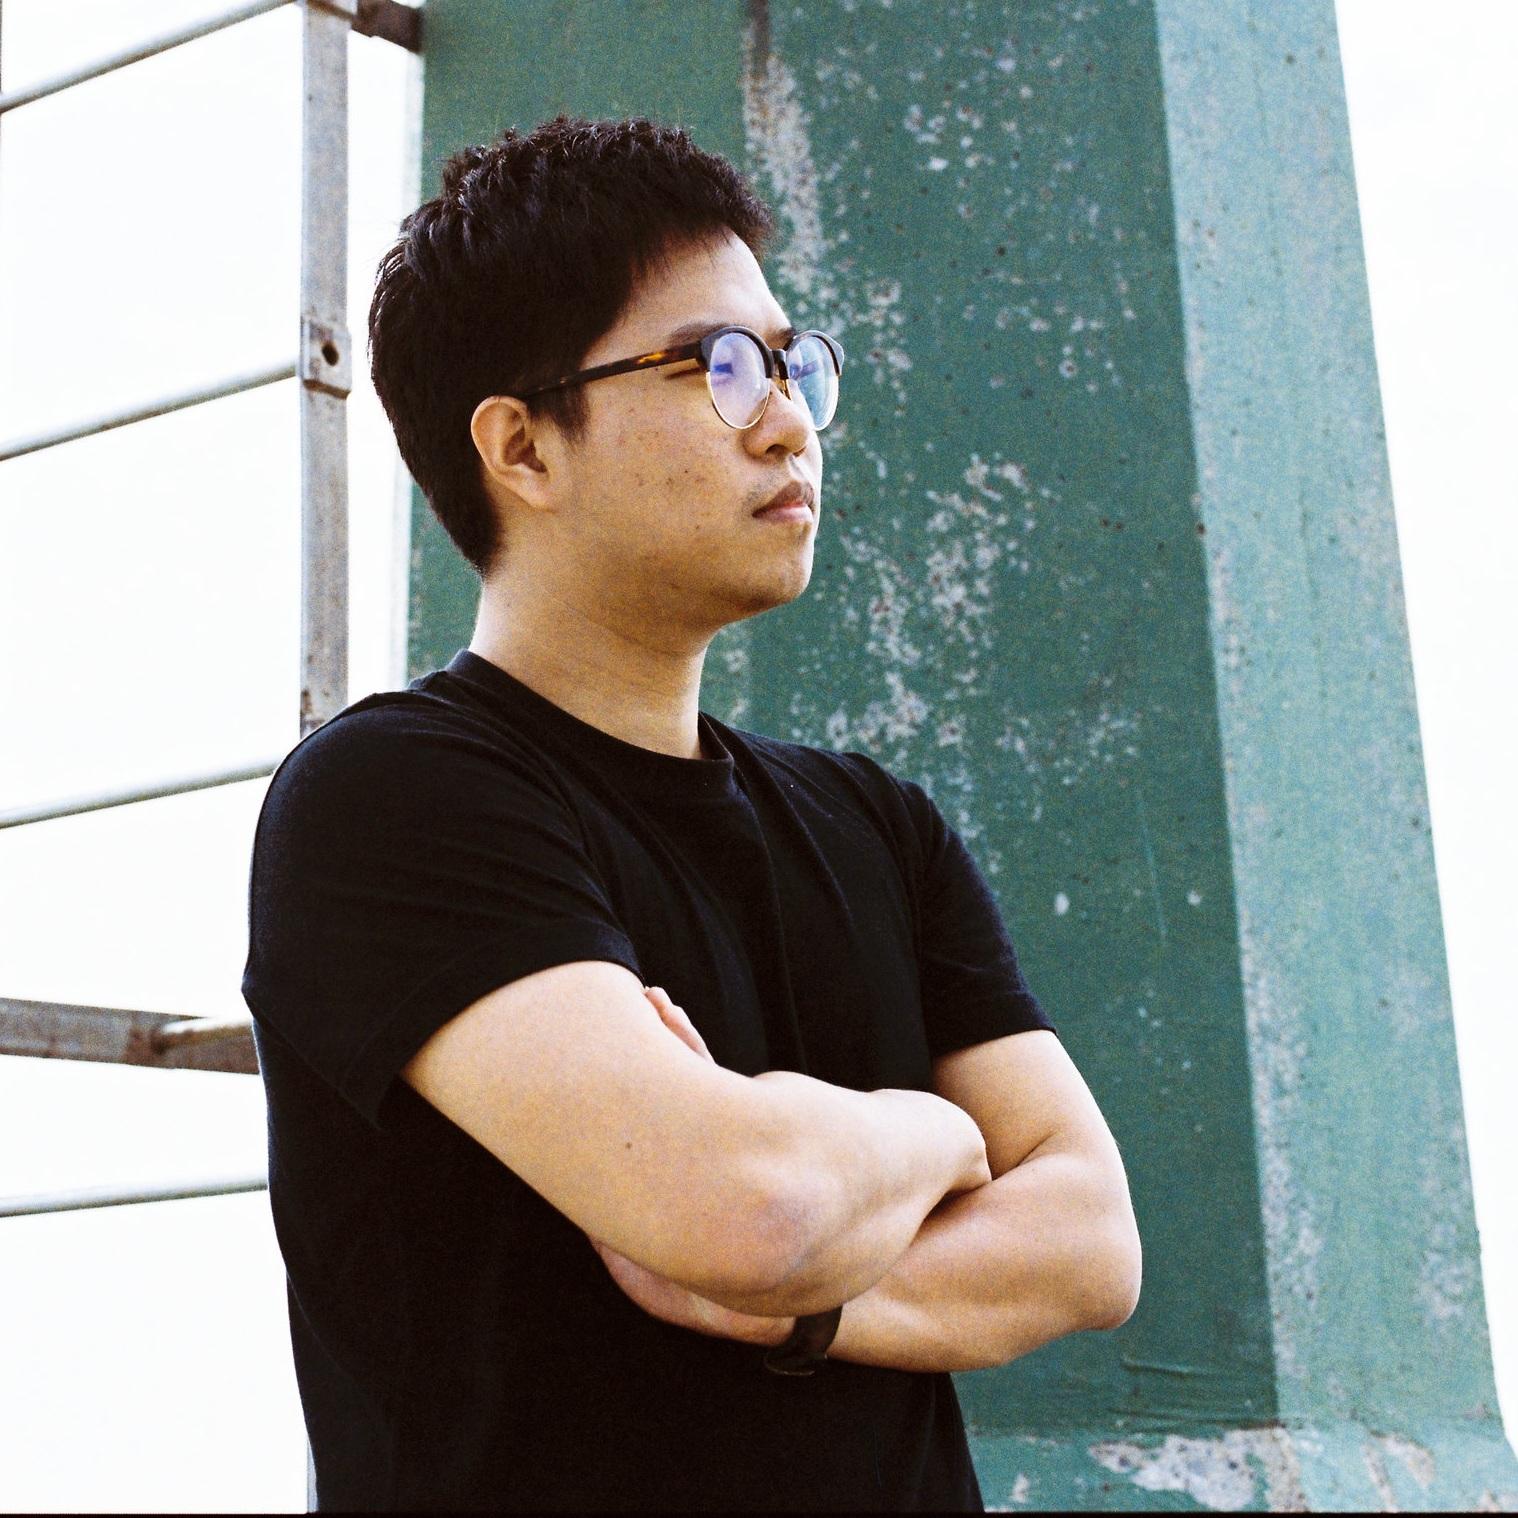 吳峰聿 | FRANK WU - 影像工作者 | Video Producer